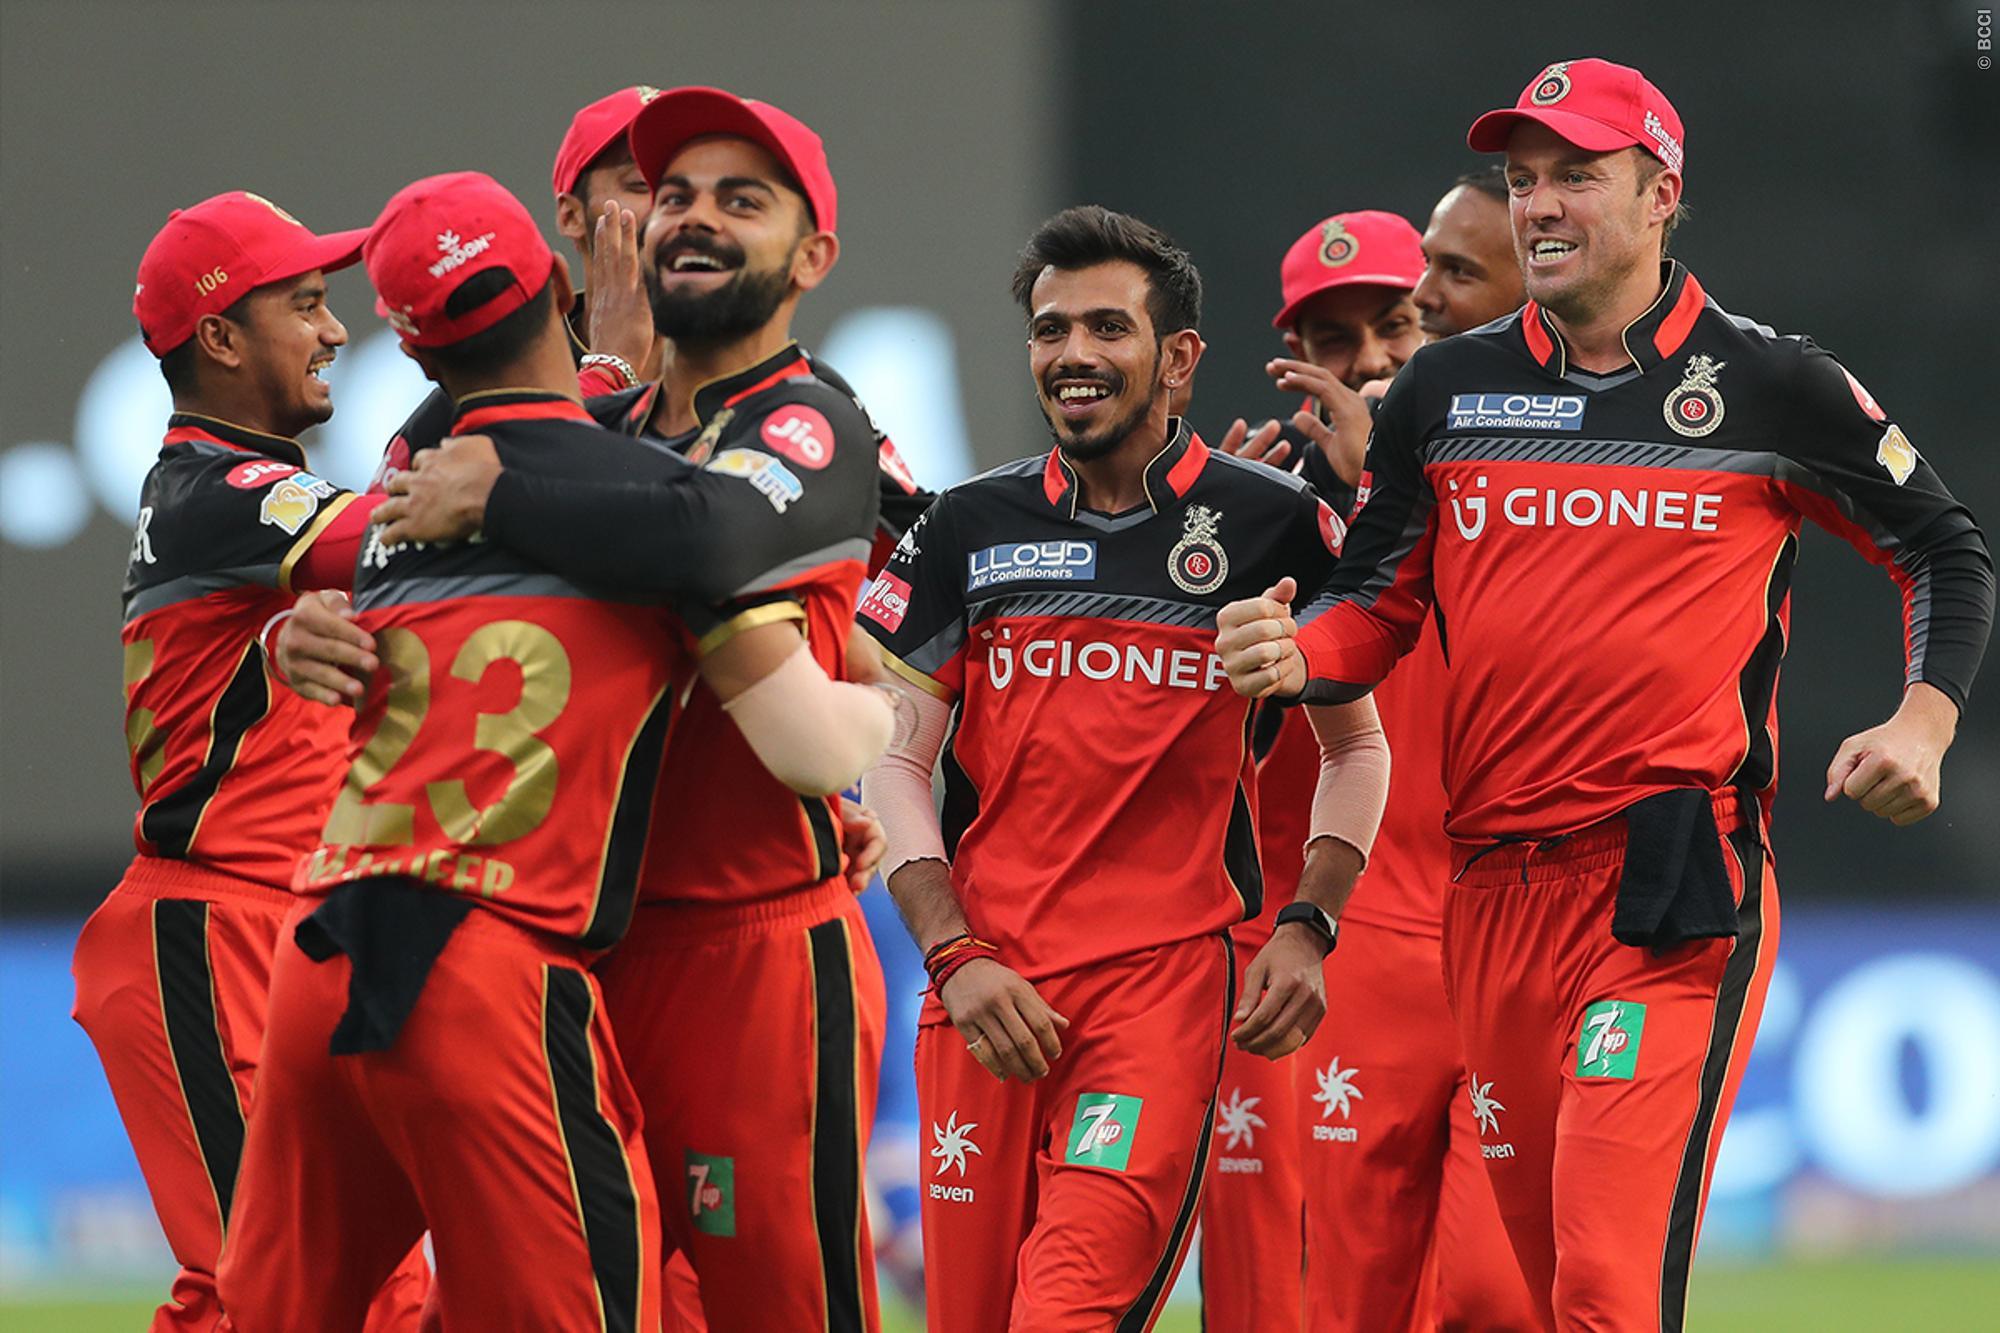 IPL 2018: अभी प्ले ऑफ में जगह बना सकती है रॉयल चैलेंजर बैंगलोर, सिर्फ इतने मैचो में हासिल करना होगा जीत 1